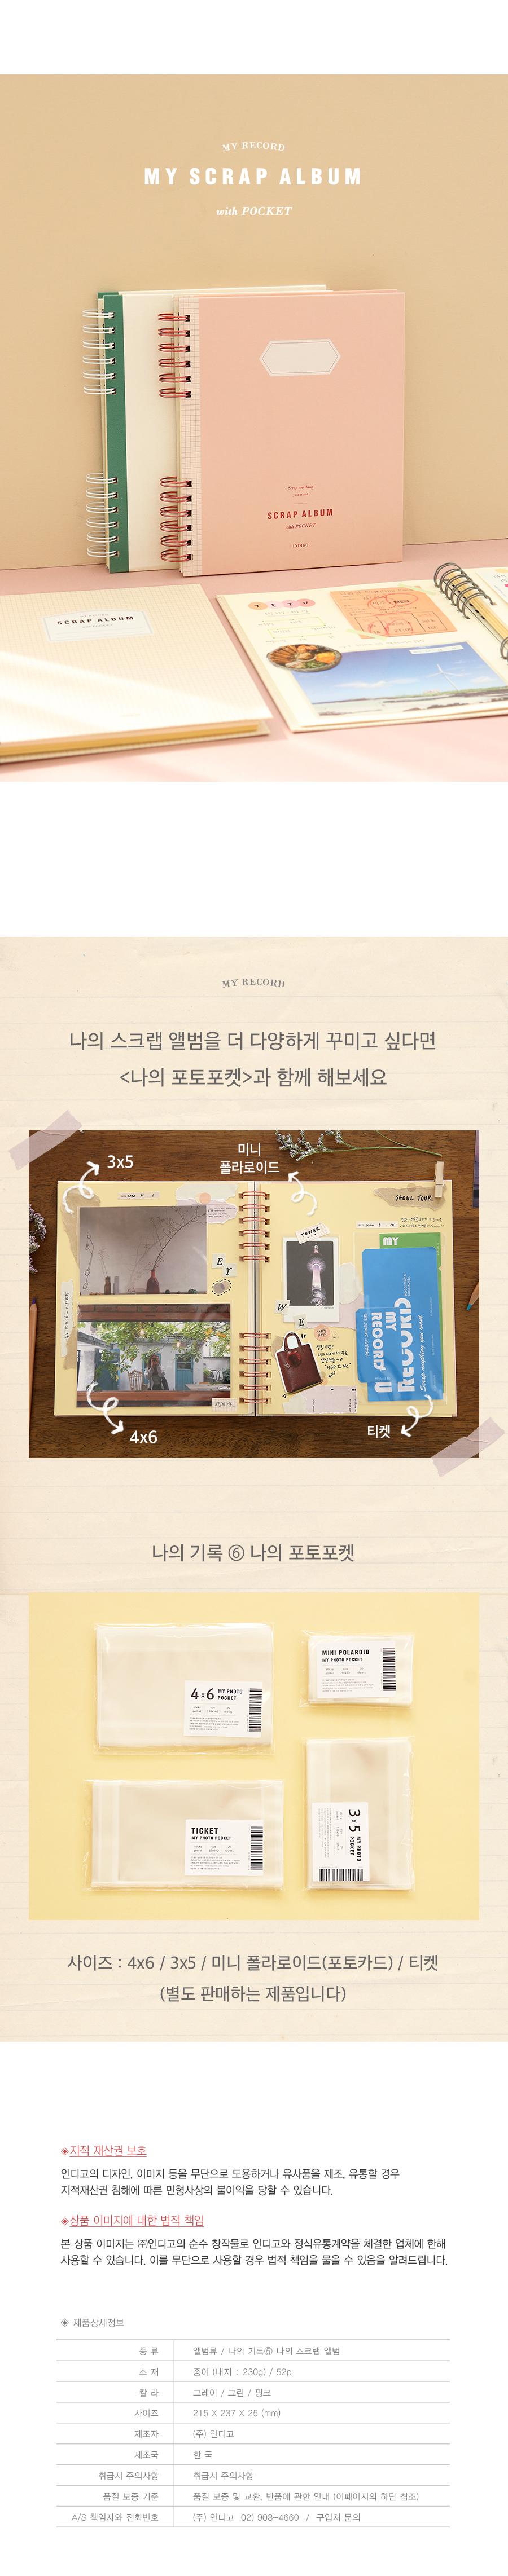 나의 스크랩 앨범(+포토포켓 20장) 포토앨범 - 인디고, 14,240원, 테마앨범/테마북, 티켓앨범